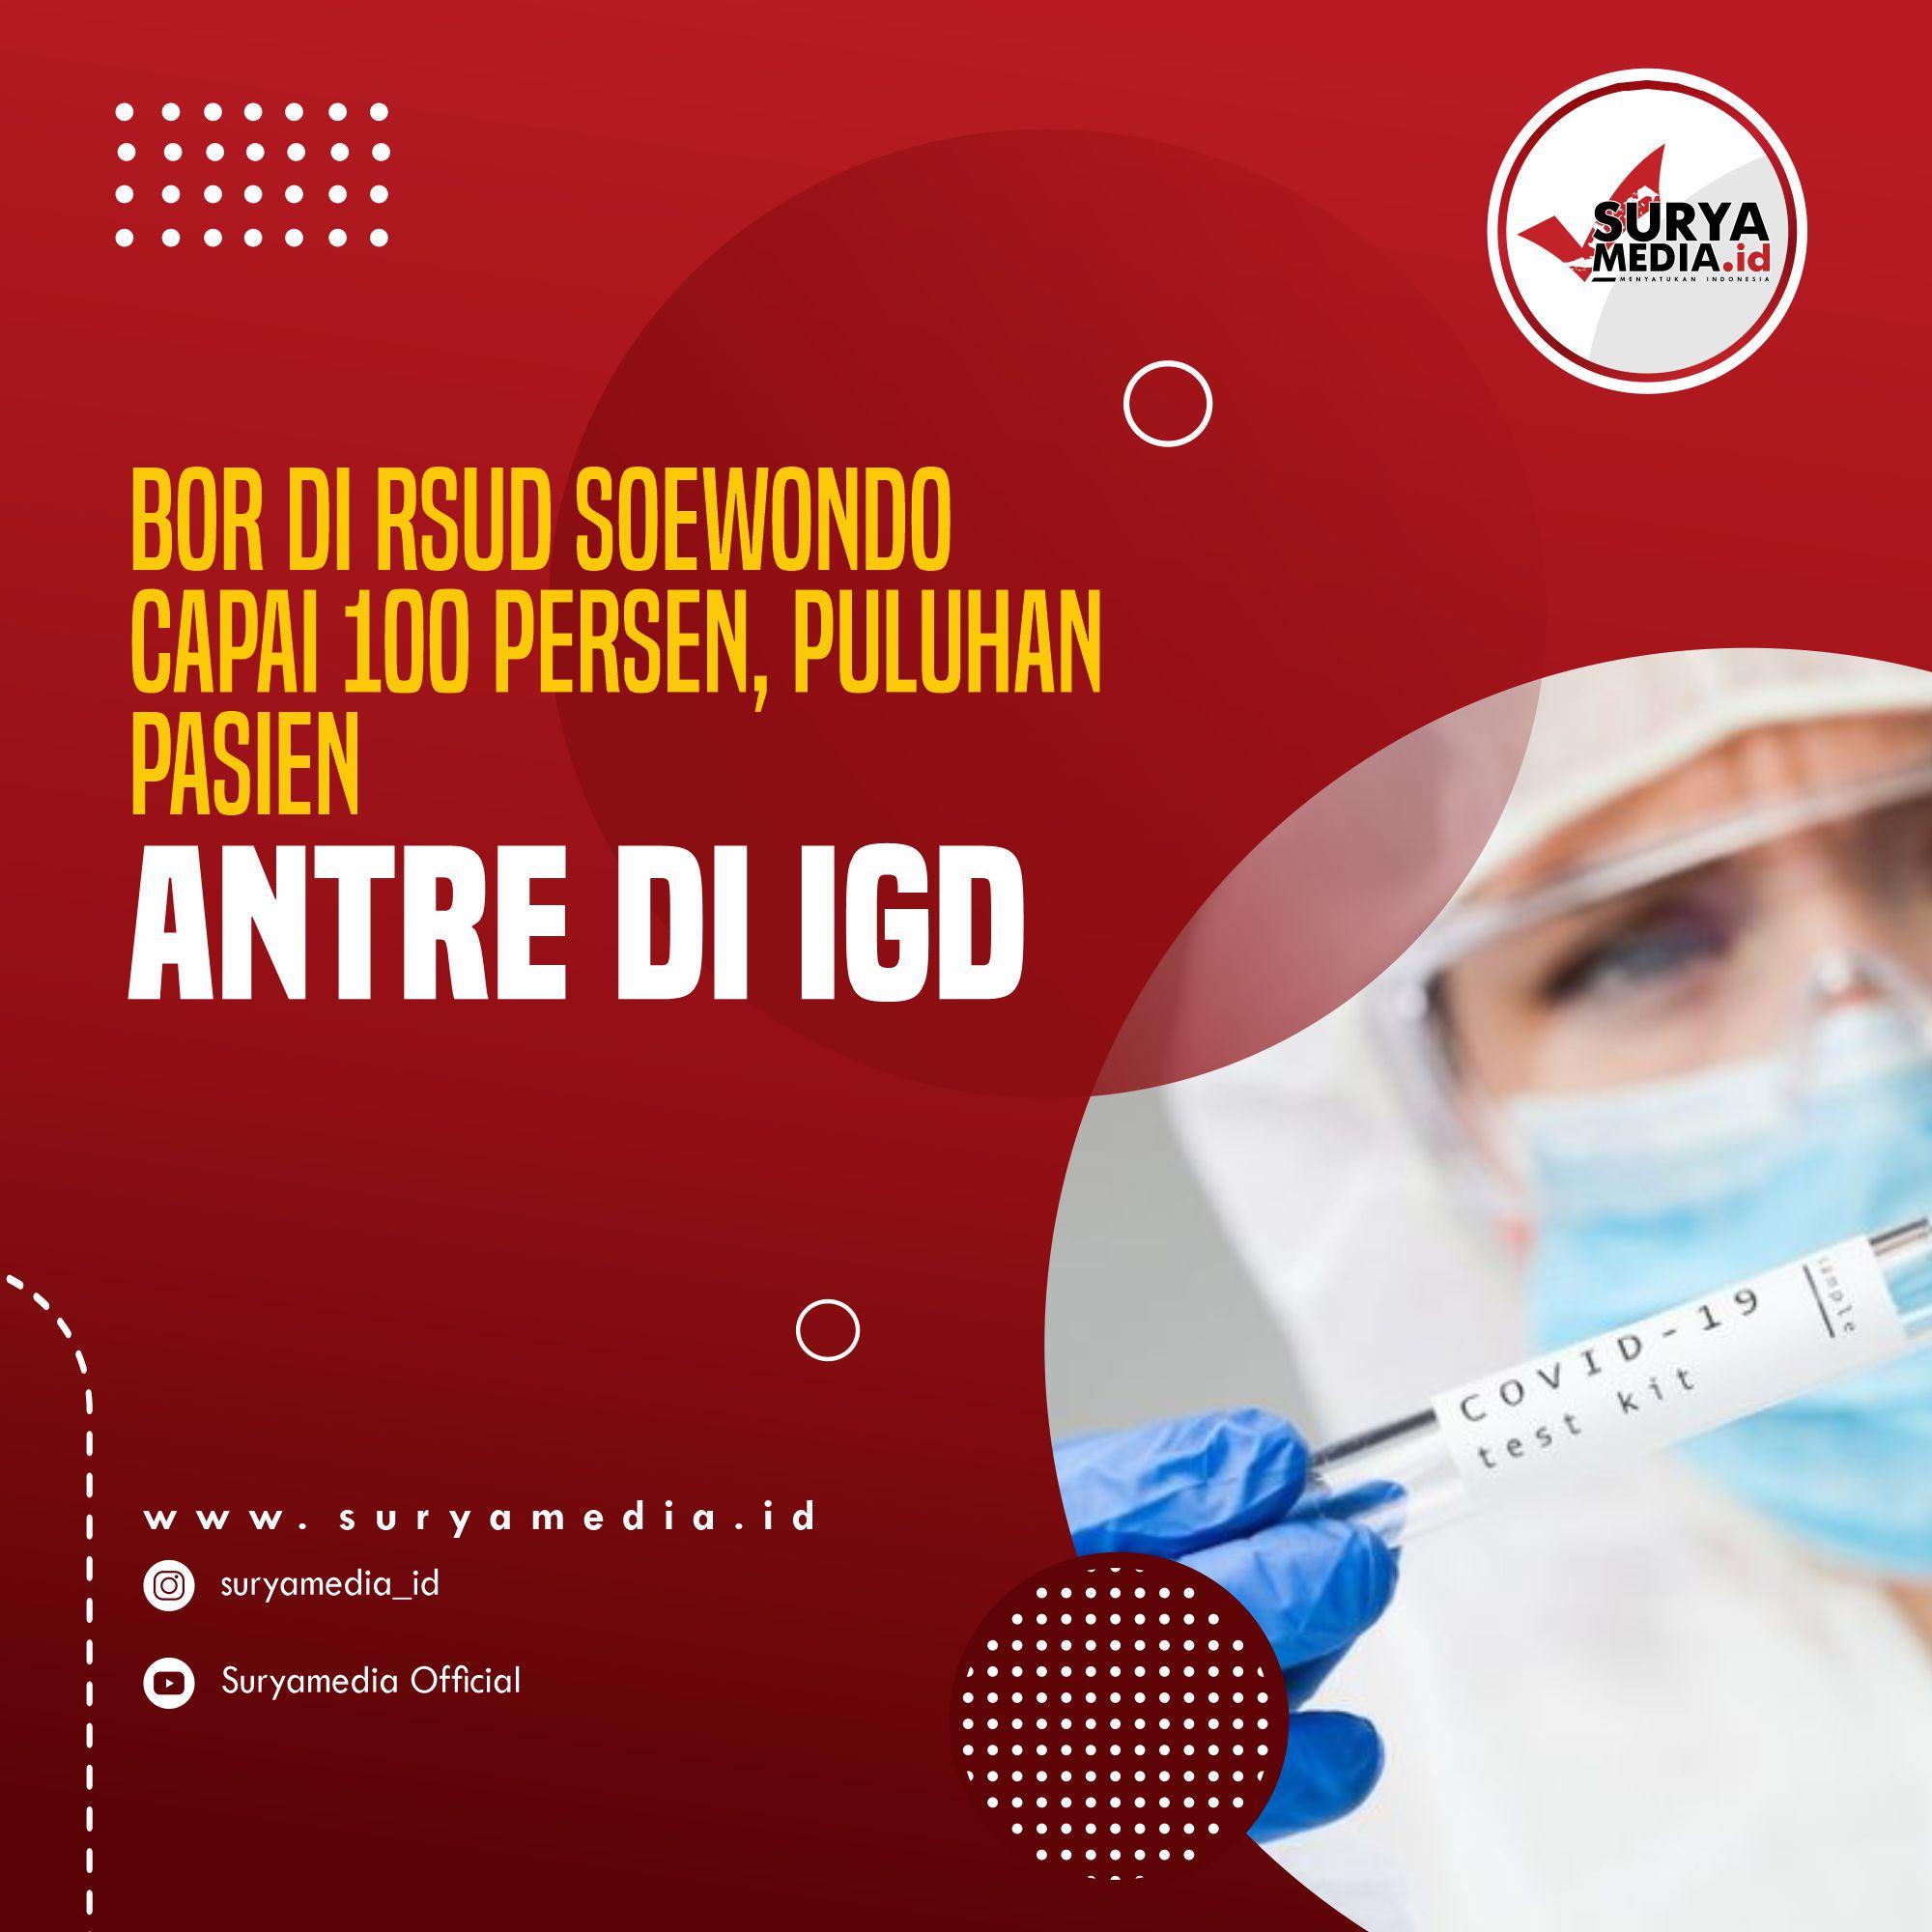 BOR di RSUD Soewondo Capai 100 Persen, Puluhan Pasien Antre di IGD A